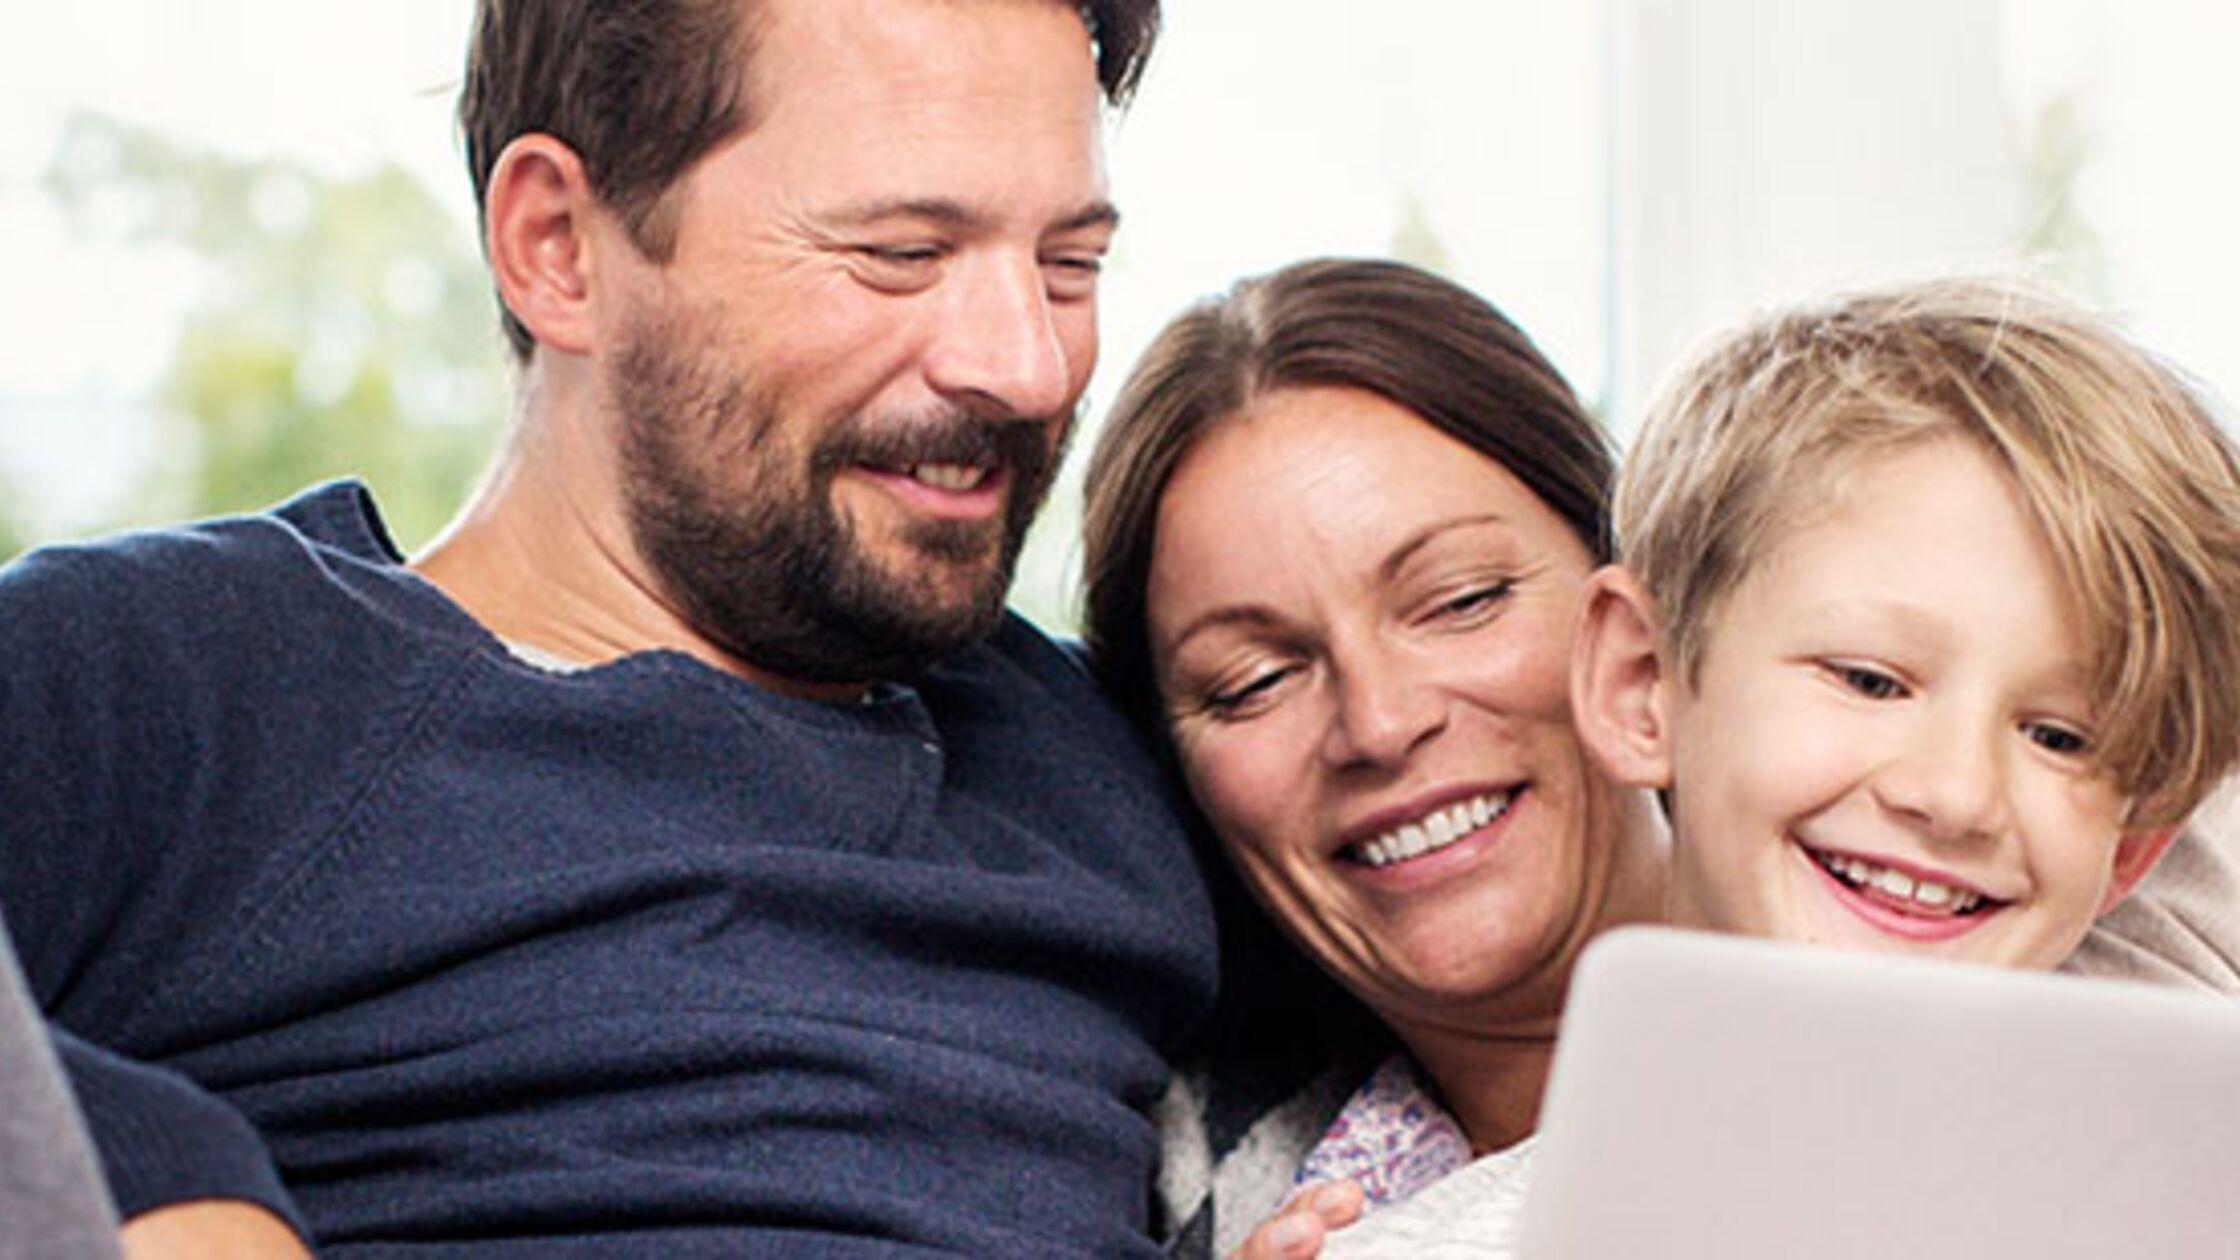 Mann, Frau und Kind schauen in einen Laptop